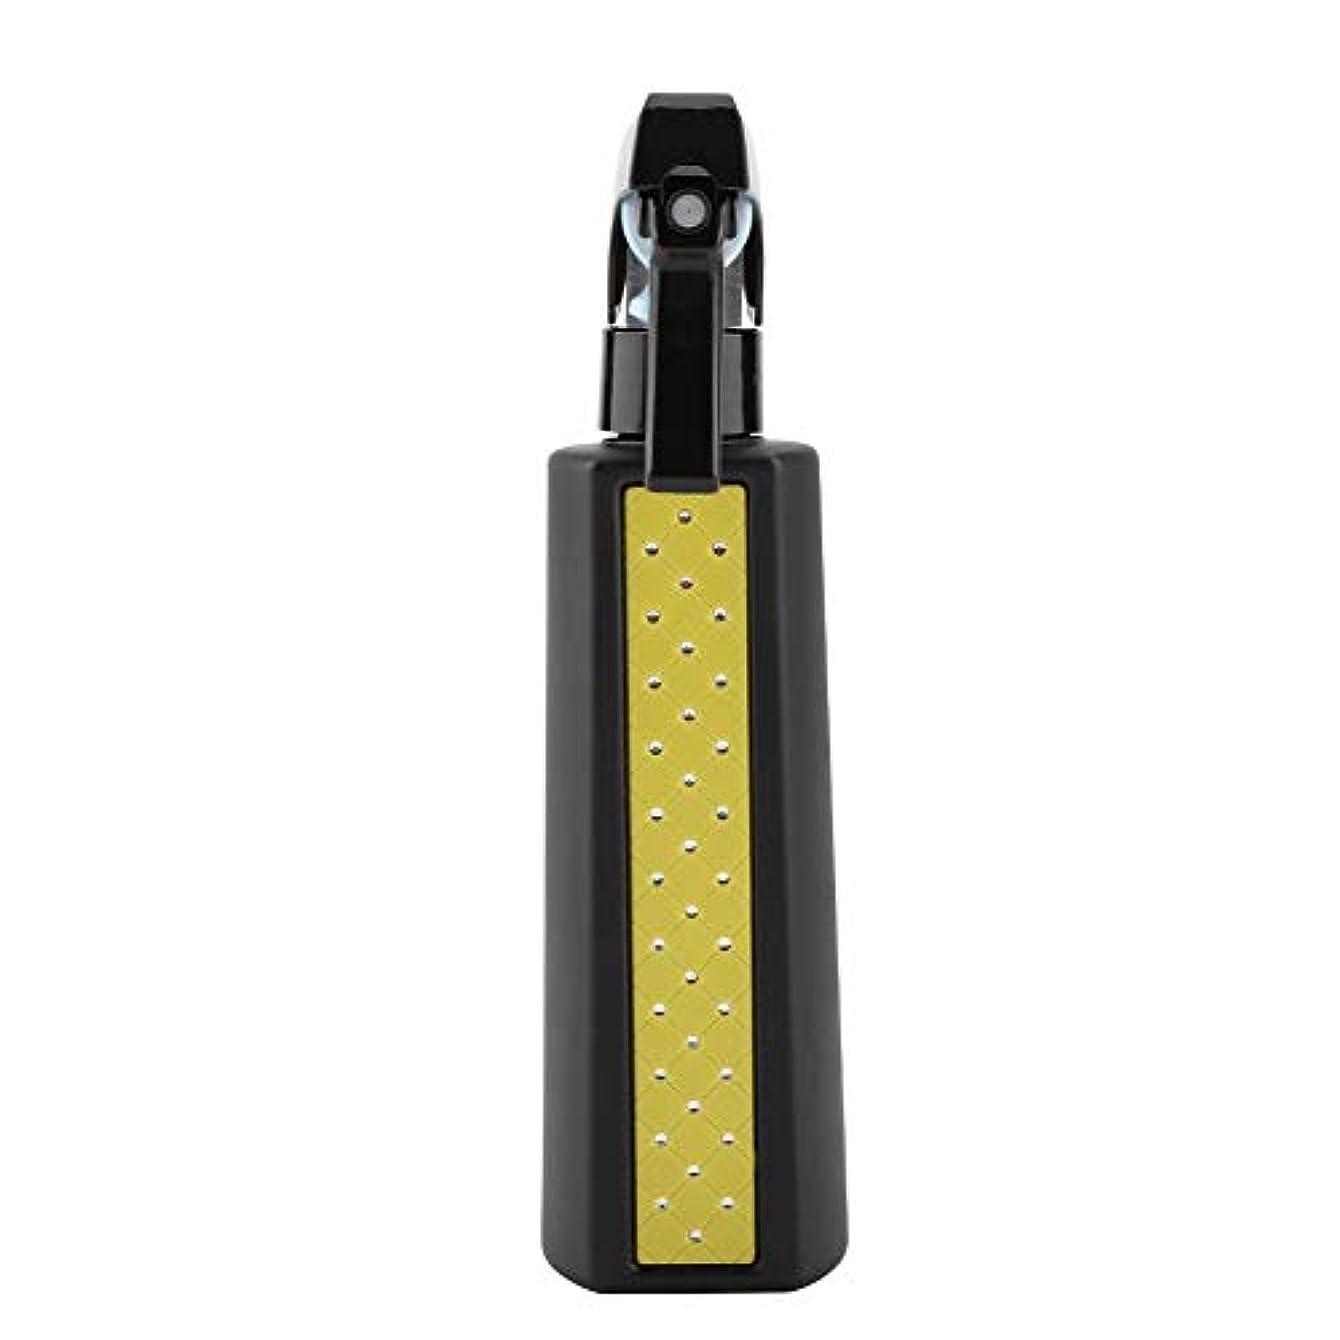 魅力アーティキュレーション先のことを考える散水用ボトル, ヘアスプレー300ミリリットル詰め替え用多目的マットヘアスプレーボトル理髪理髪ツール散水缶 (Yellow)